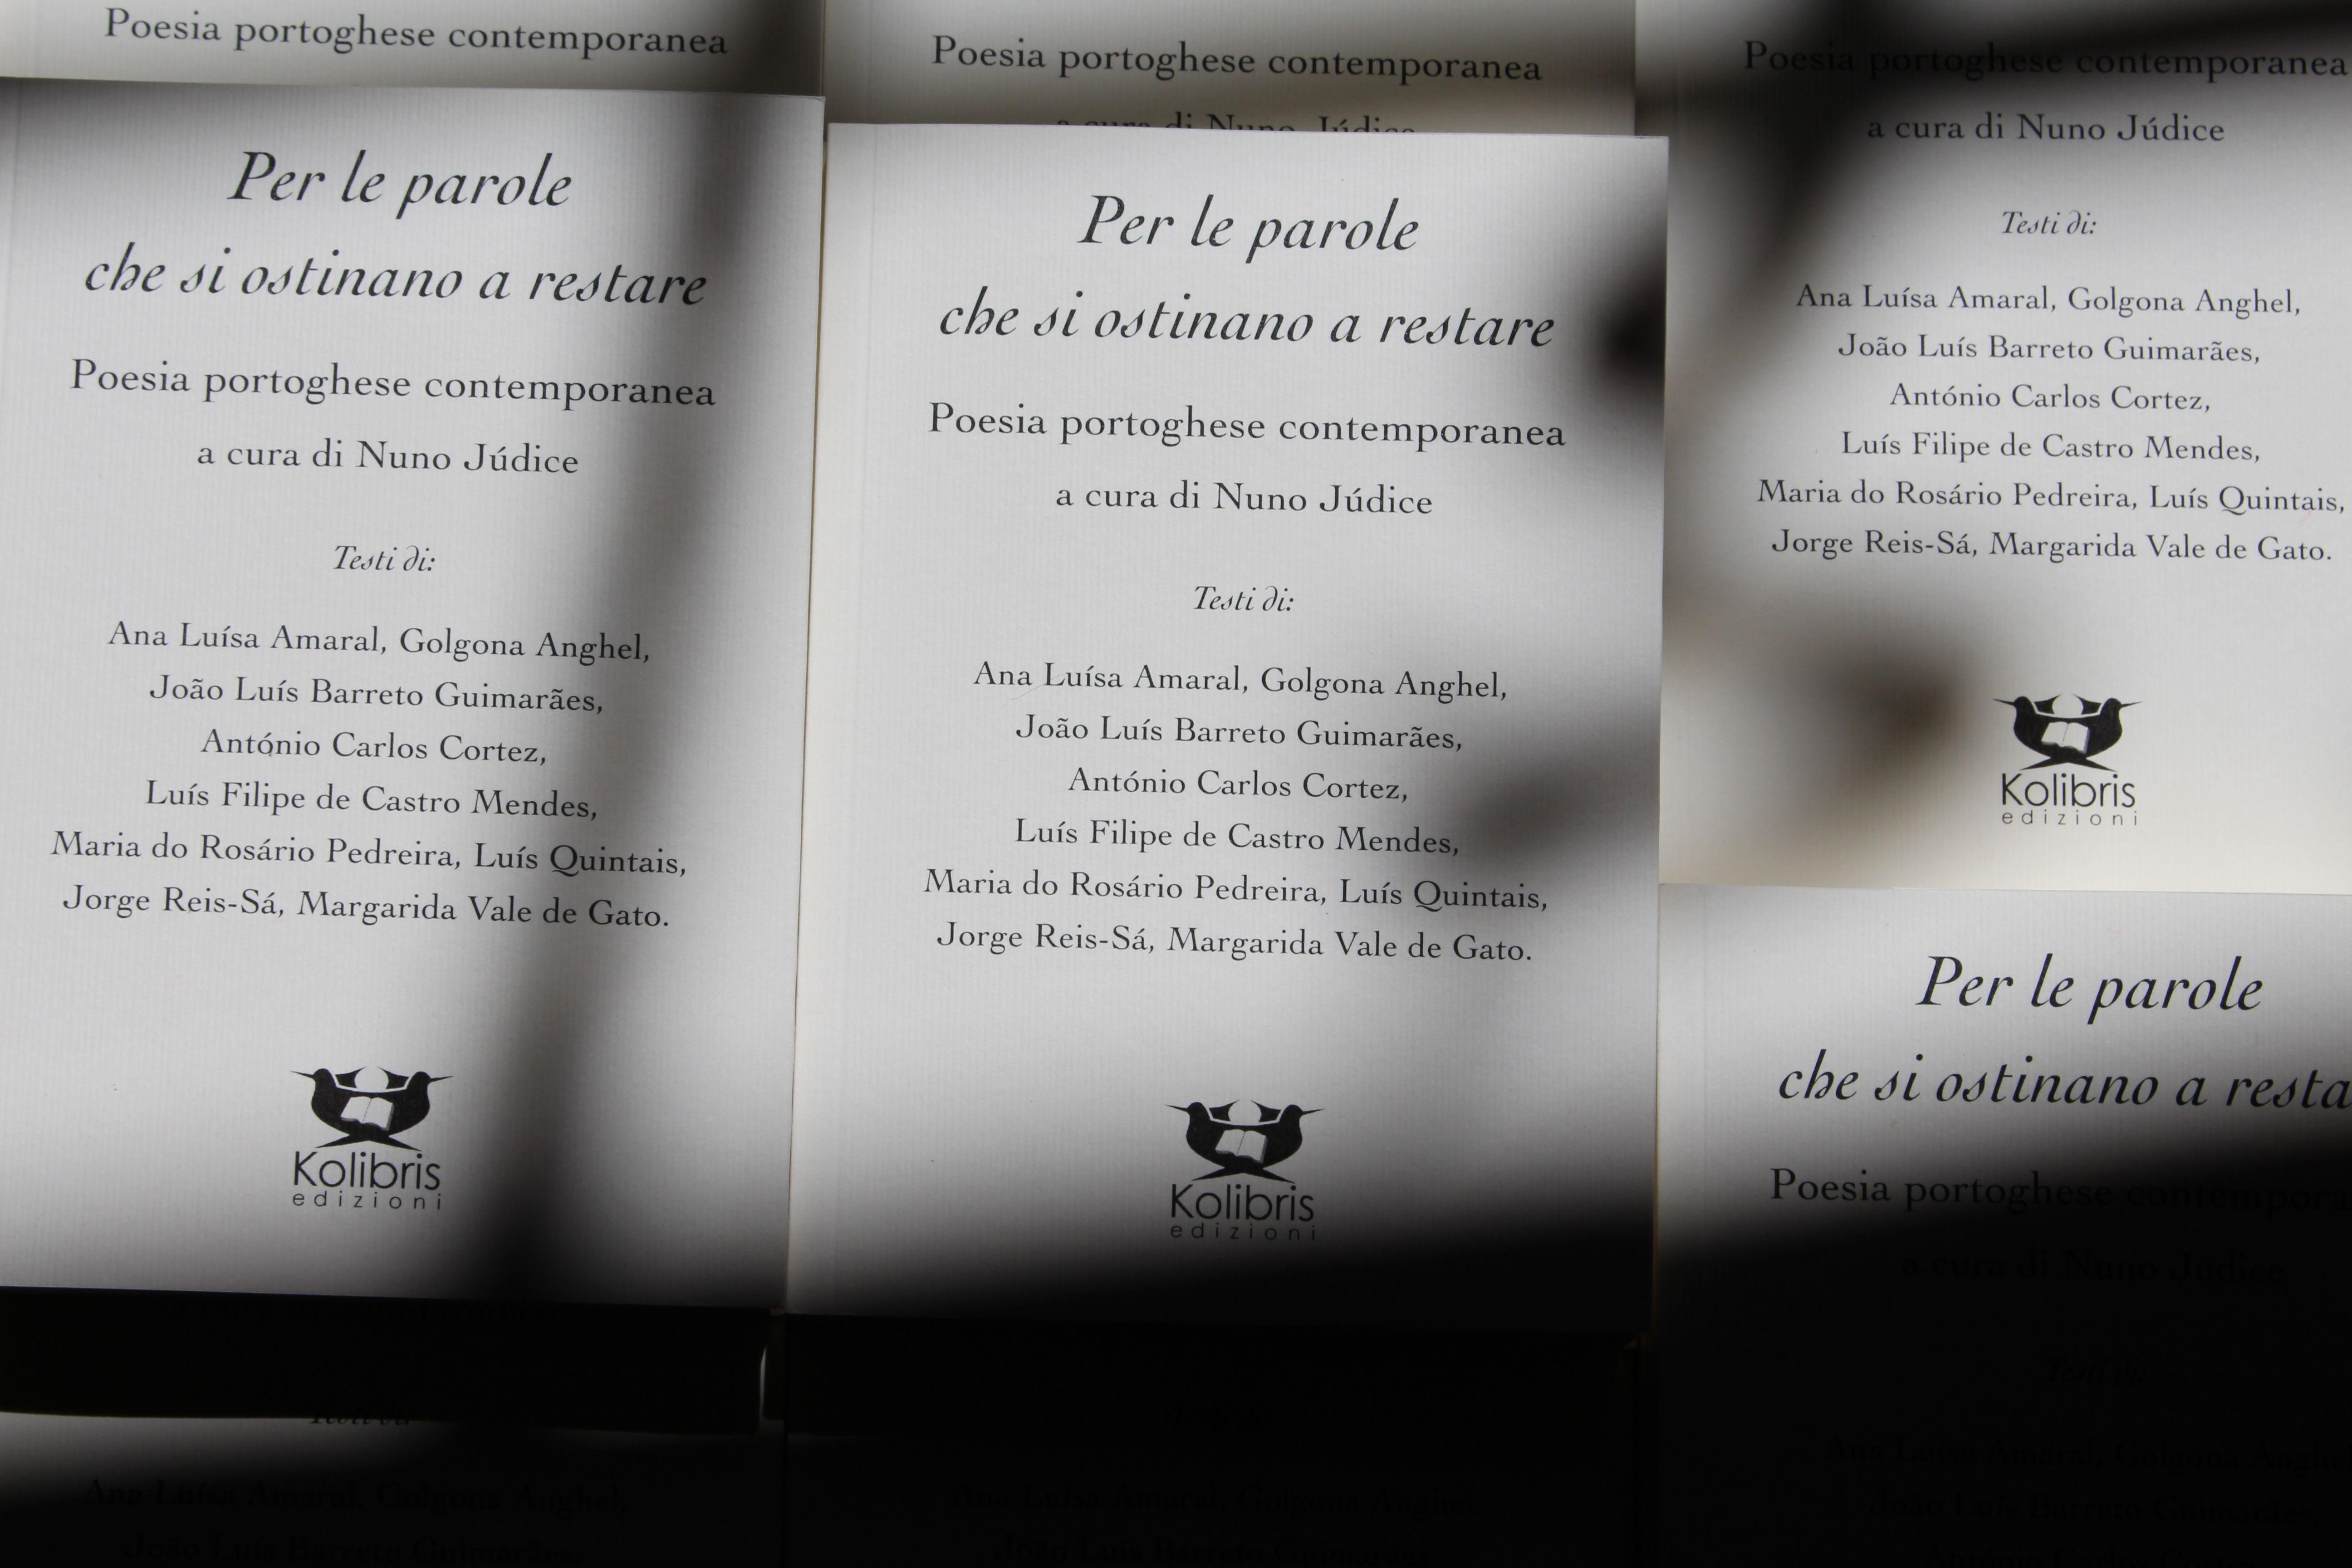 Per le parole che si ostinano a restare. Poesia portoghese contemporanea